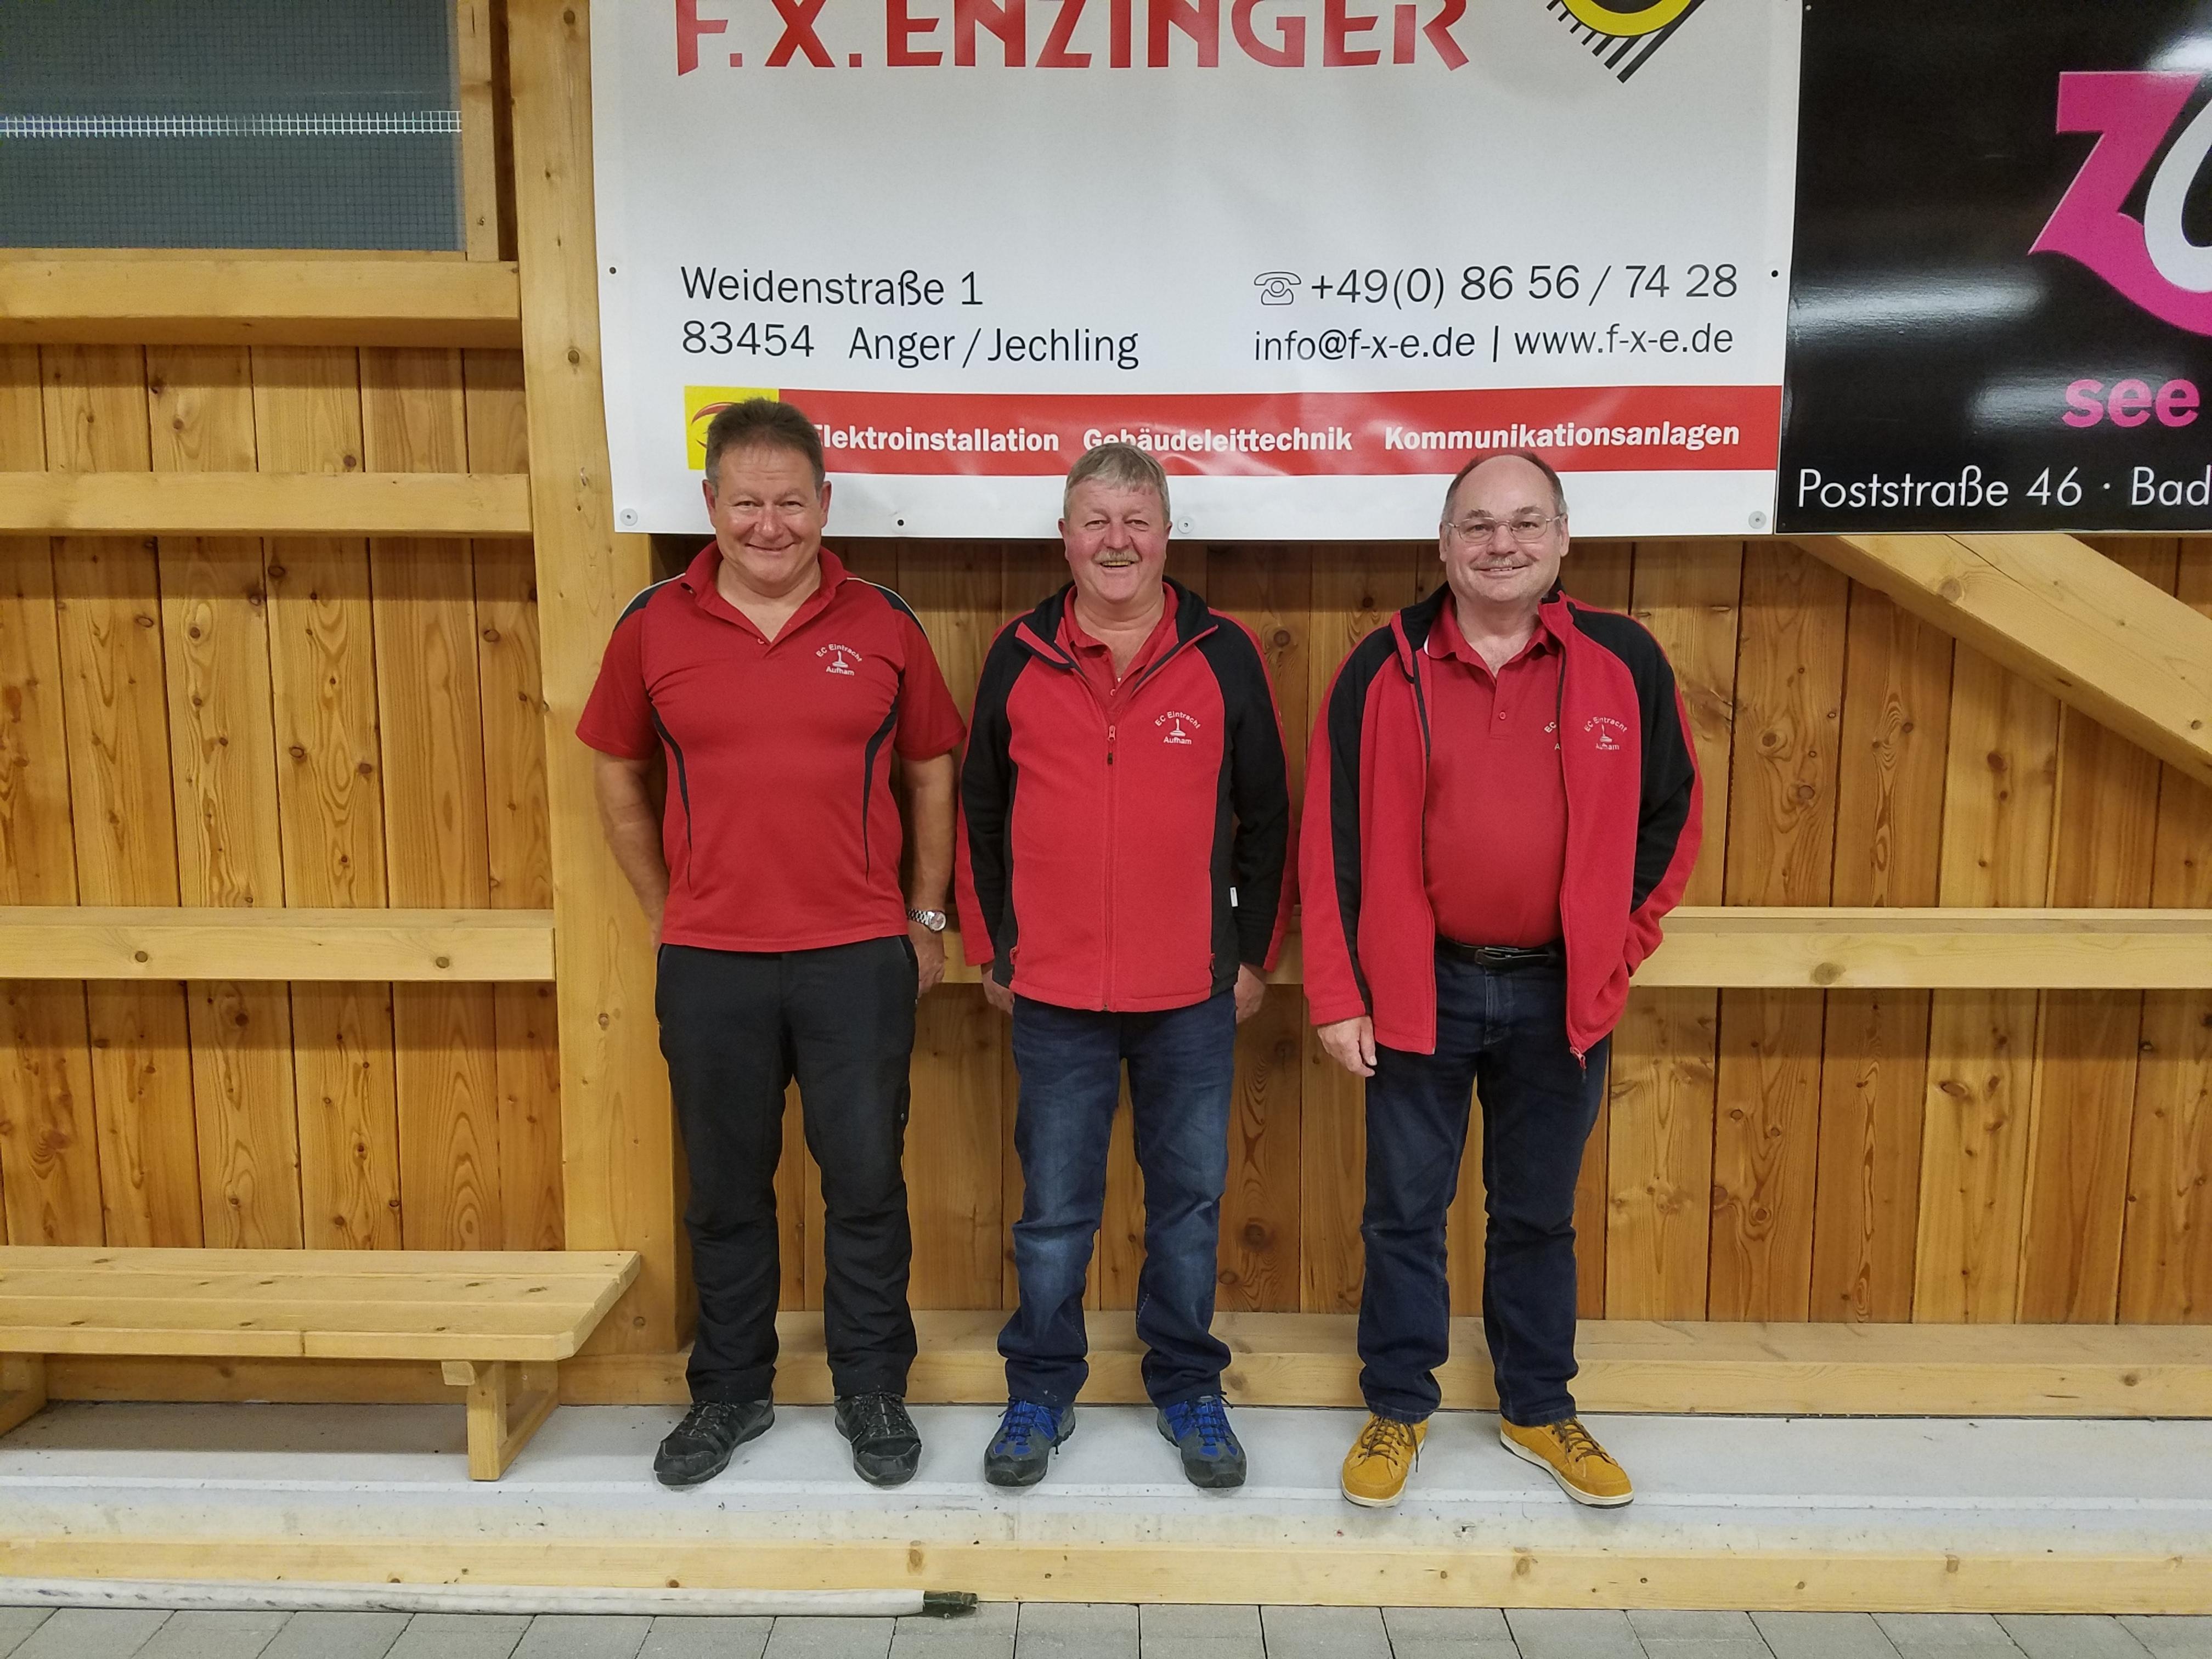 2. Ludwig Hogger (269 Punkte) - 1. Stefan Stumpfegger sen. (277 Punkte) - 3. Rudi Leppertinger (262 Punkte)